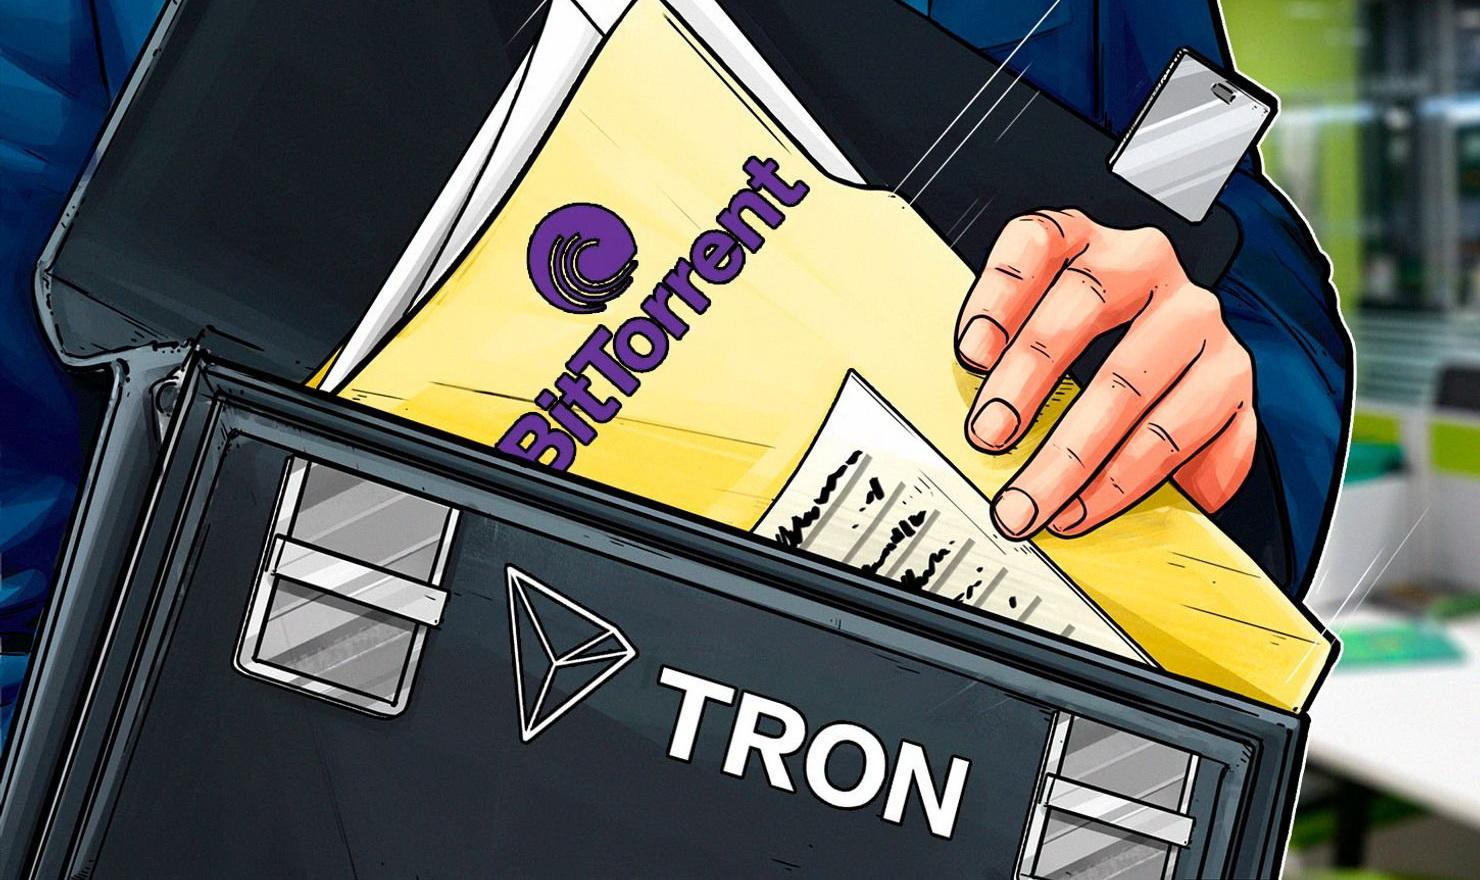 Разработчики криптовалюты Tron, купившие компанию BitTorrent, хотят поощрять сидеров финансово